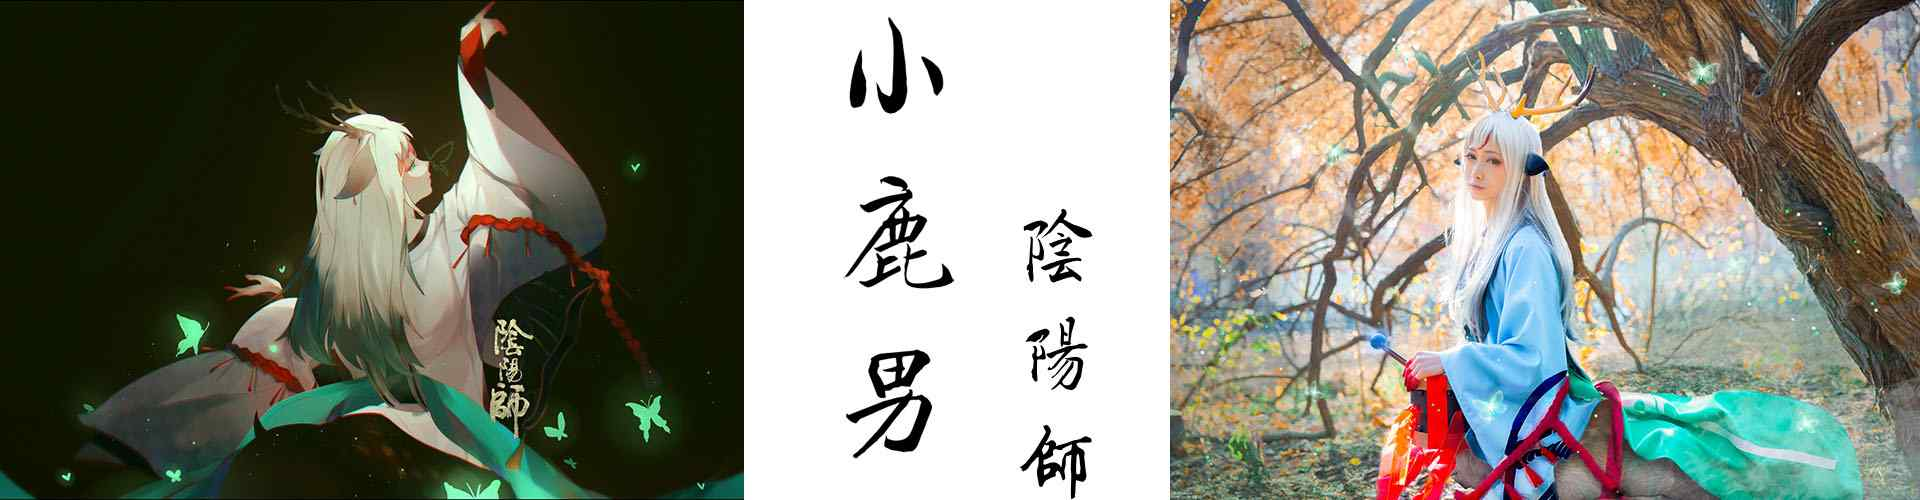 阴阳师小鹿男_小鹿男图片壁纸_小鹿男觉醒后图片_小鹿男cosplay壁纸_阴阳师游戏壁纸